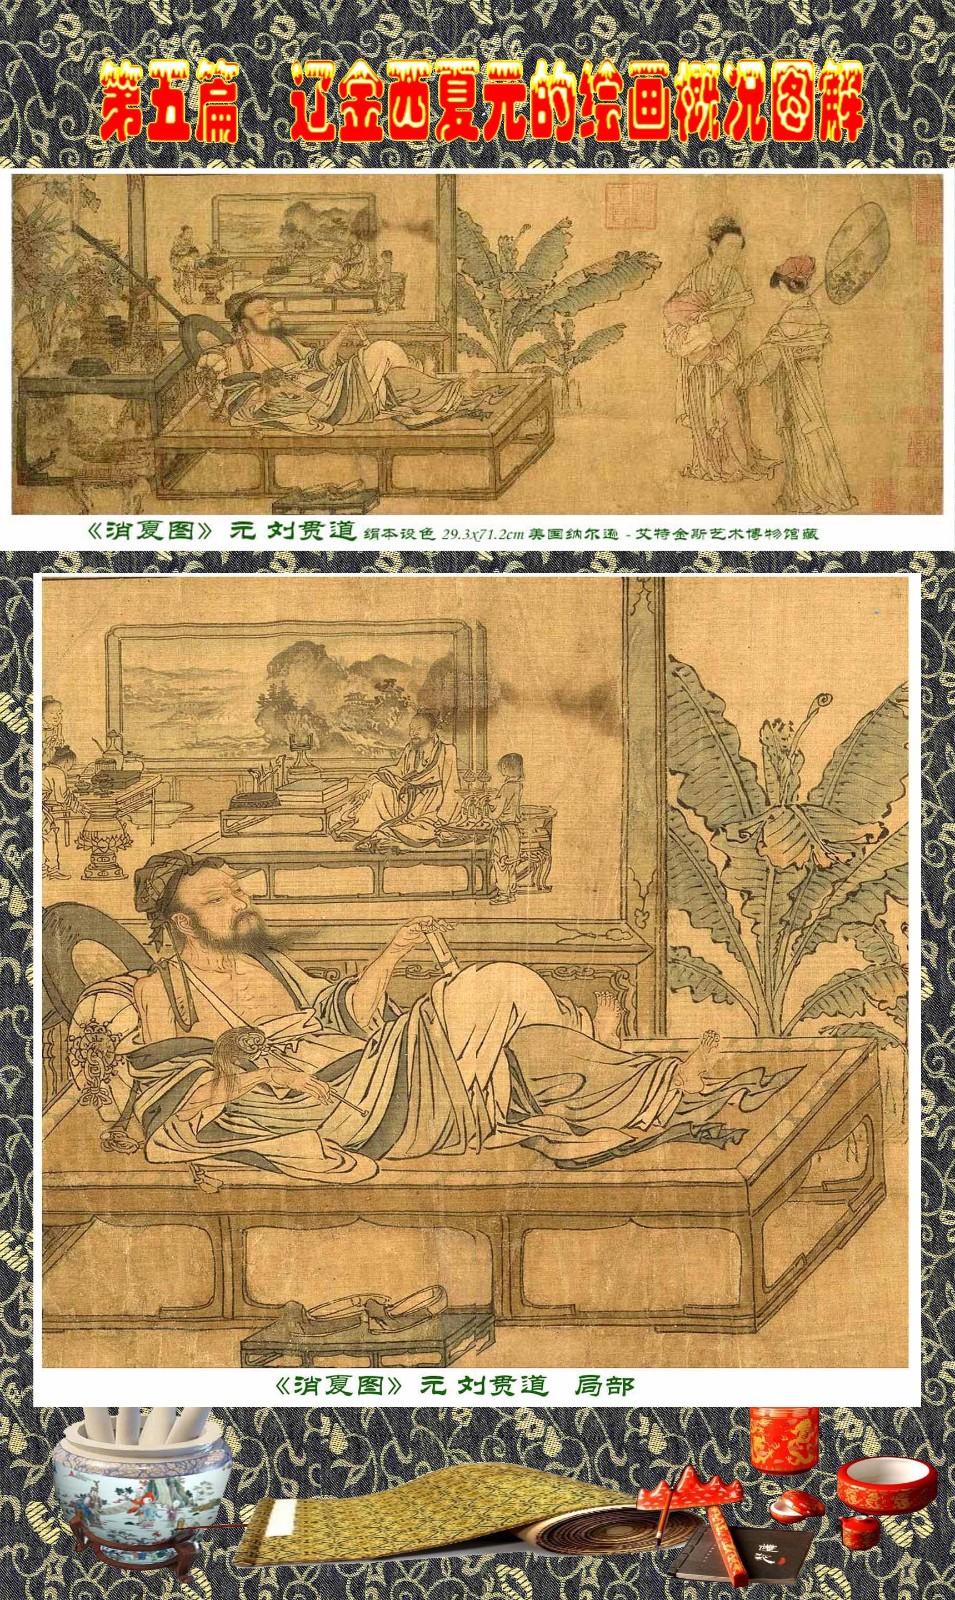 顾绍骅编辑 中国画知识普及版 第五篇 辽金西夏元的绘画概况 下 ... ..._图1-17